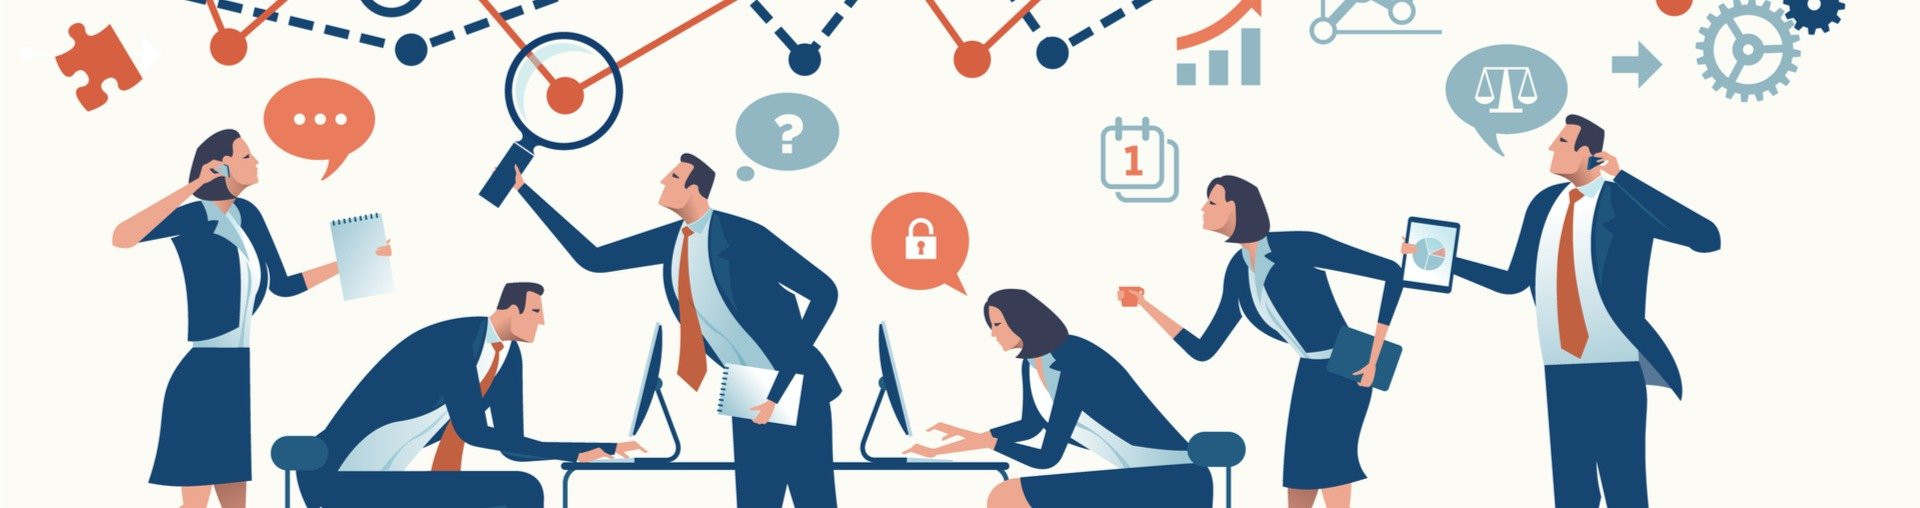 HR Pitch cum convingem candidații să vină la noi departament HR companie vector